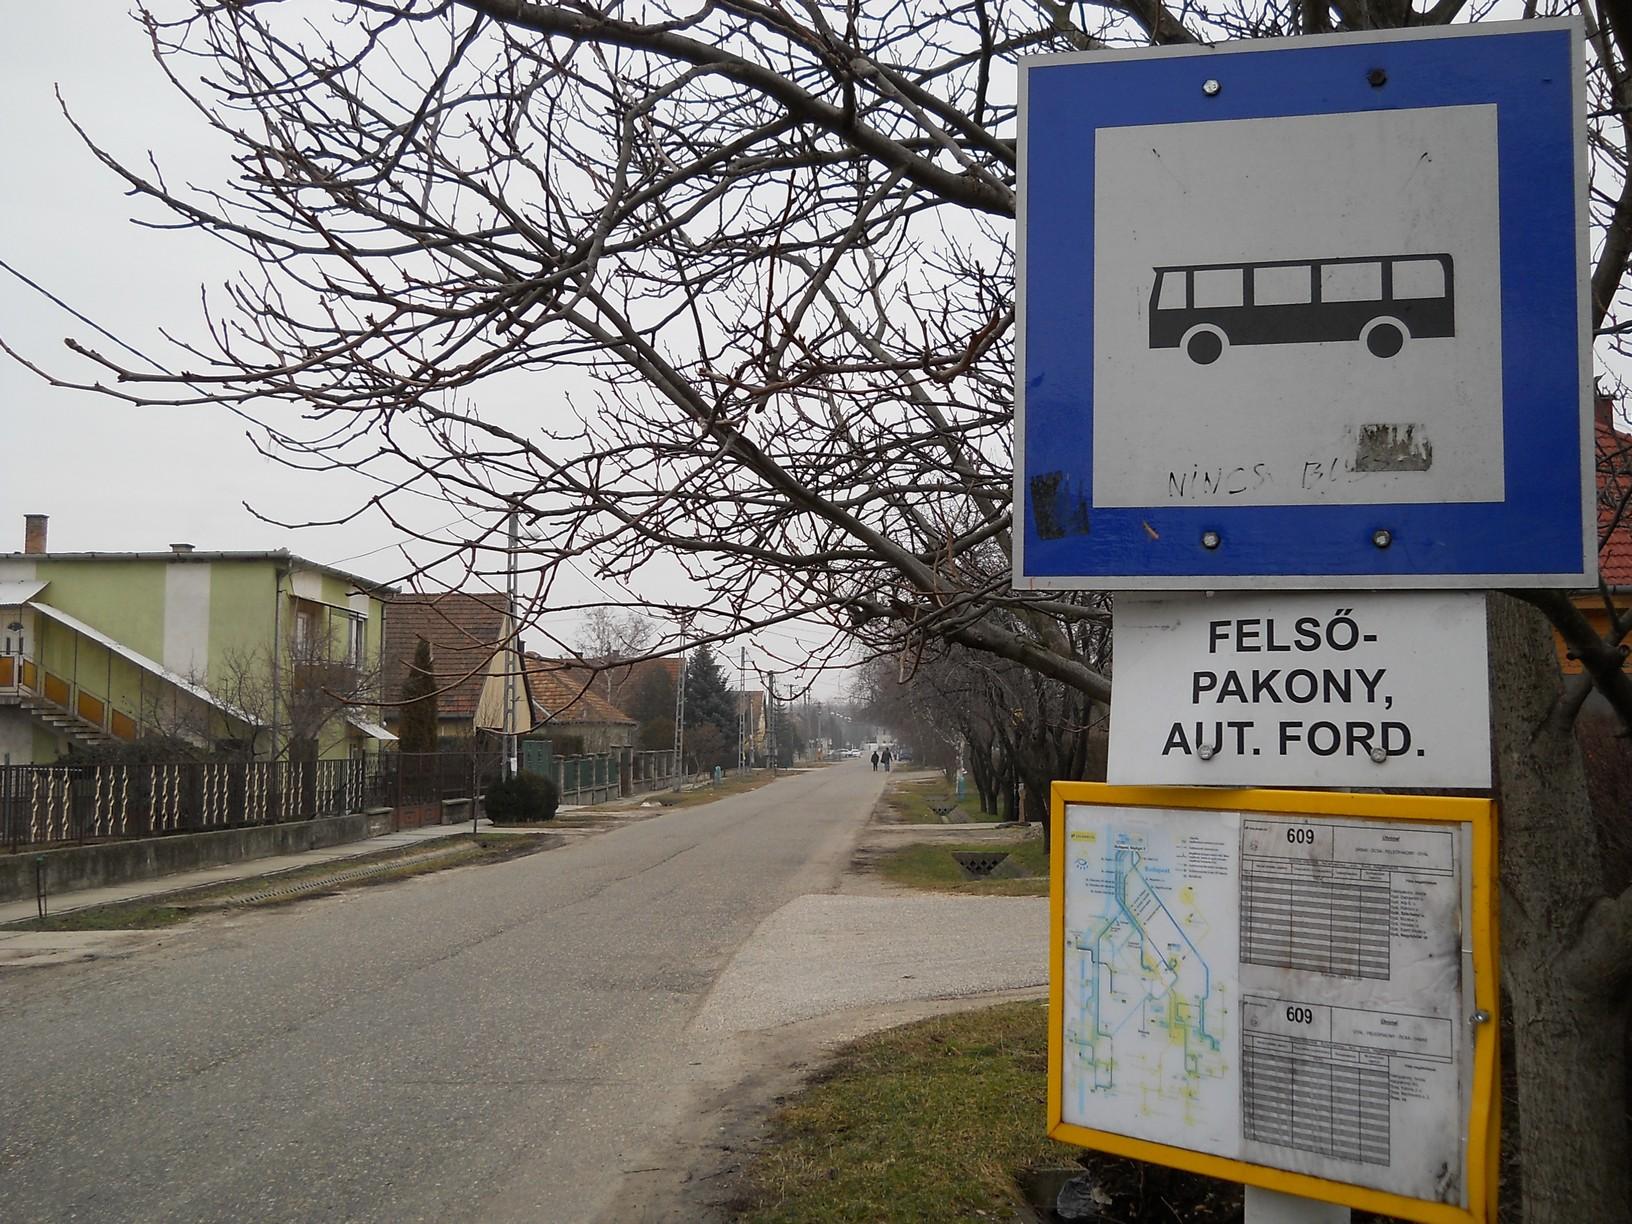 """""""Nincs busz"""" – olvasható a velős megállapítás a megállótáblára firkálva. Jelenleg Felsőpakonyból és Alsópakonyból is napi egy-egy buszjárat (!) közlekedik Ócsára, iskolai előadási napokon. Felsőpakonyból óránként jár vonat Ócsára és Pestre, de az Alsópakony településrészen épülő """"ócsai adóstelep"""" tömegközlekedéssel gyakorlatilag megközelíthetetlen. Bár – mint egy korábbi megbeszélésen elhangzott – a Volánbusz nem zárkózik el attól, hogy """"agglomerációs hálózatába illessze az Ócsa és Alsópakony melletti szociális lakóparkot"""", az ATV-nek nyilatkozó Korózs Lajos ezt nehezen tudja elképzelni"""